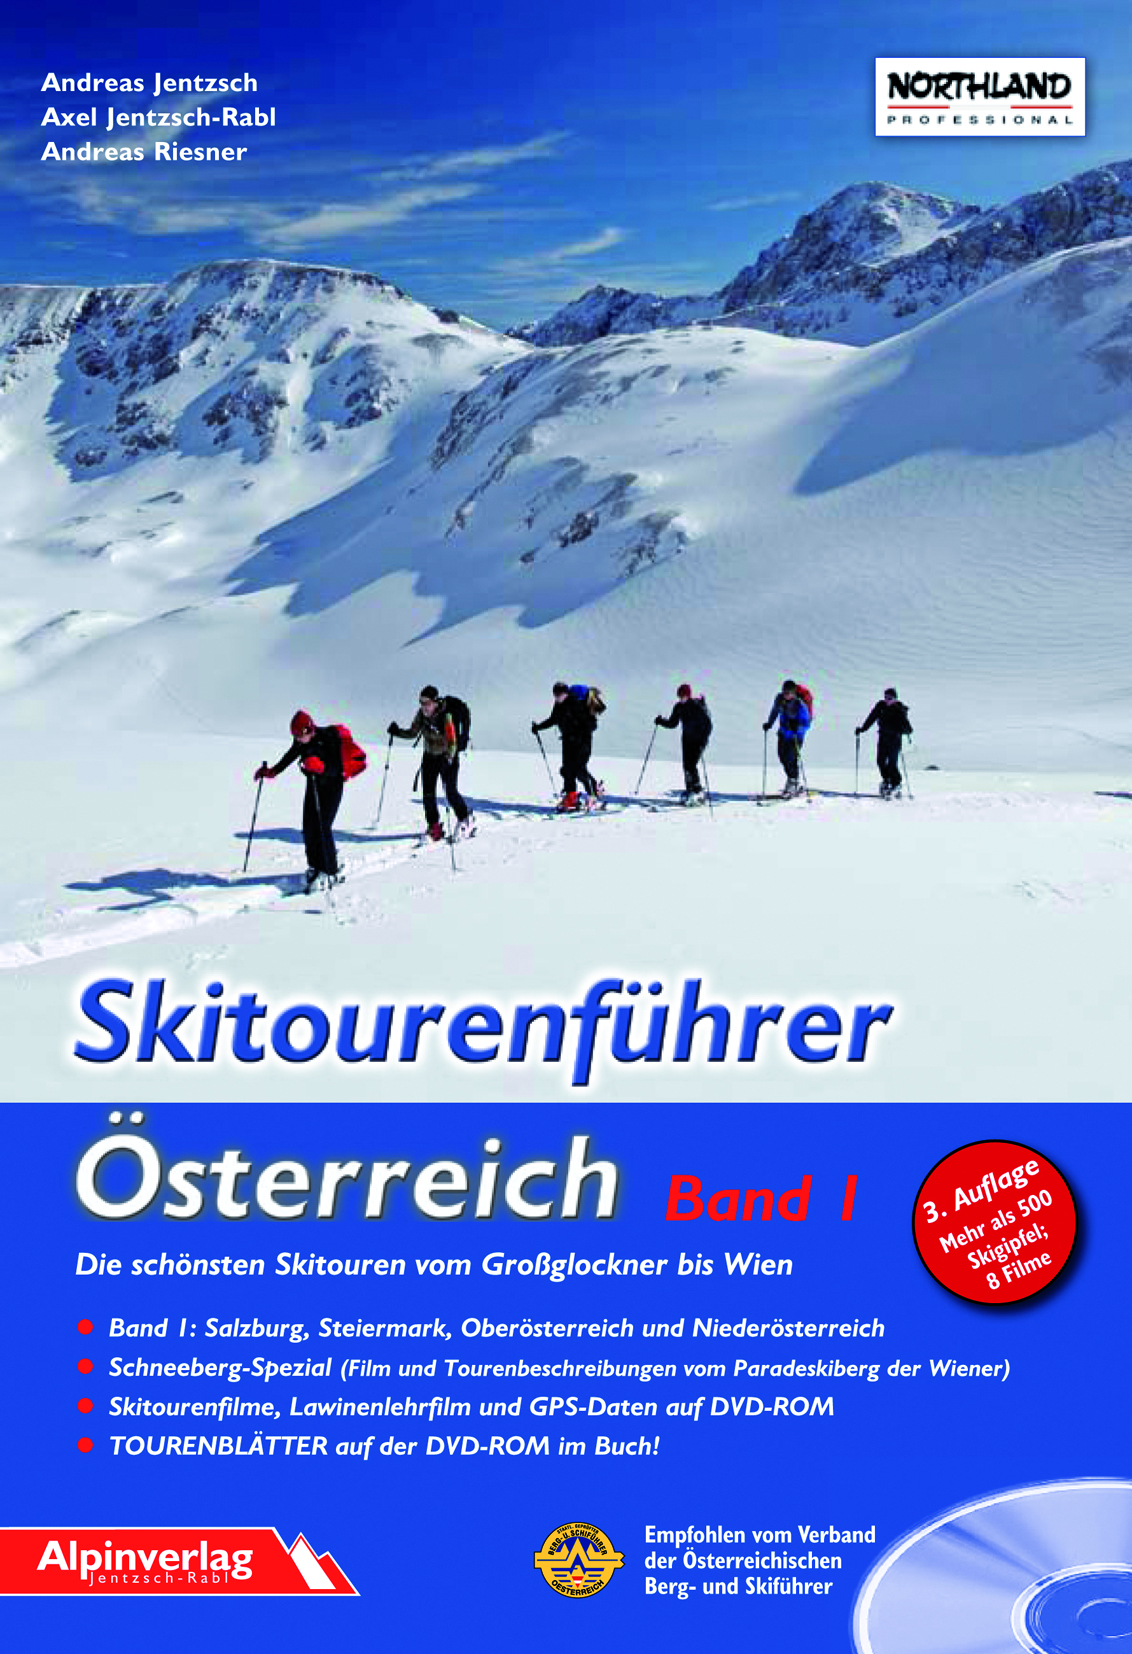 Alpinverlag Skitourenführer Österreich - skialpinistický průvodce 1. díl